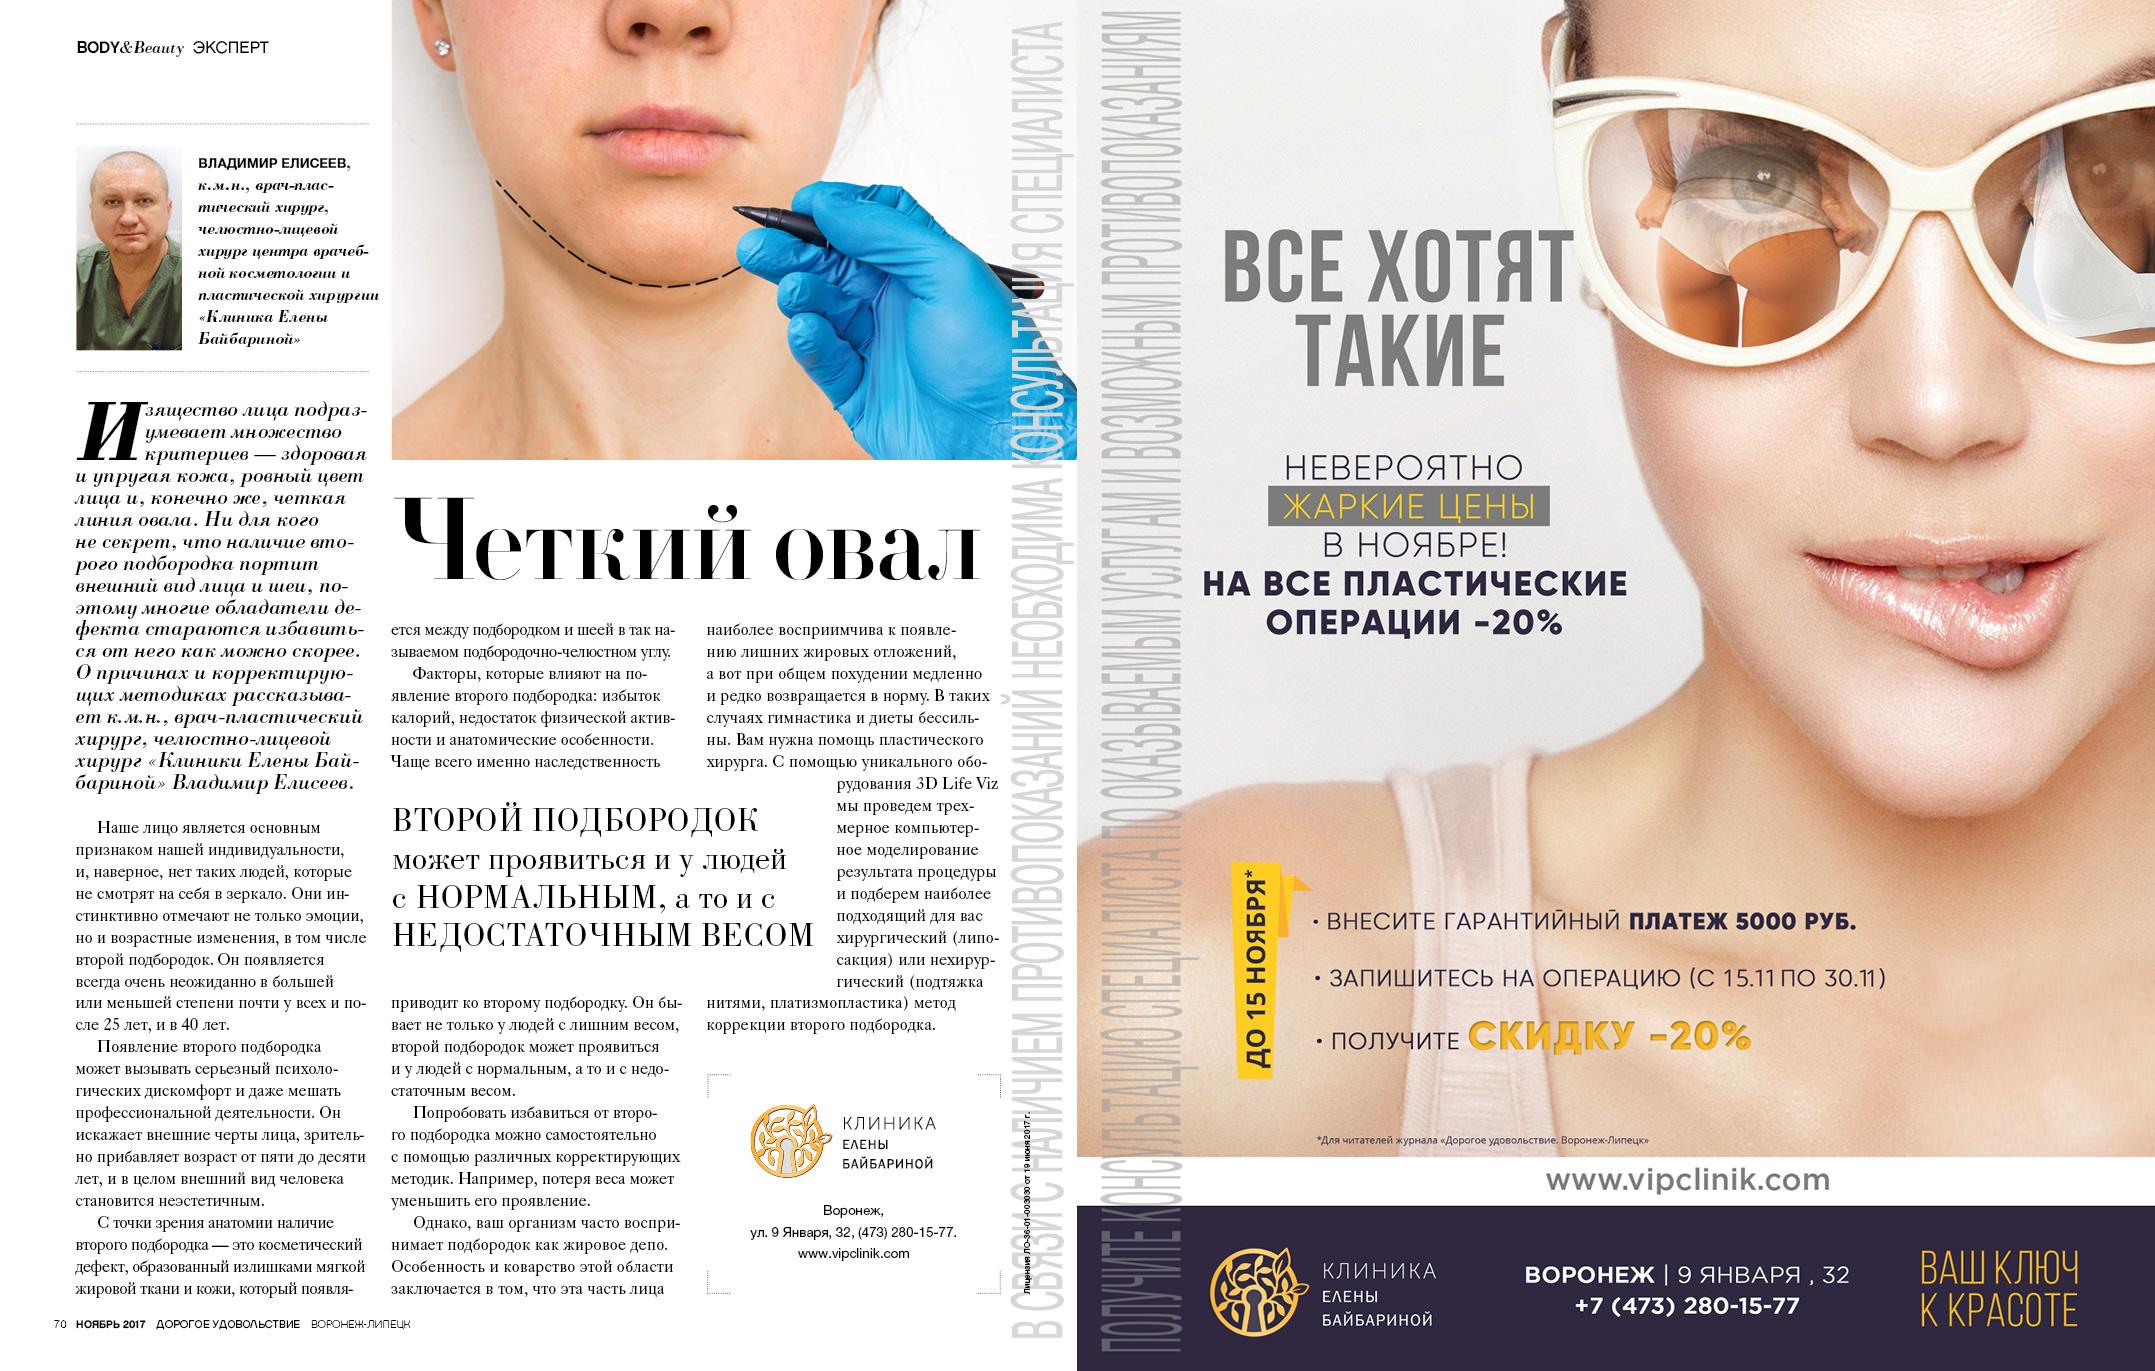 ЦВК ДУ ноябрь как в журнале